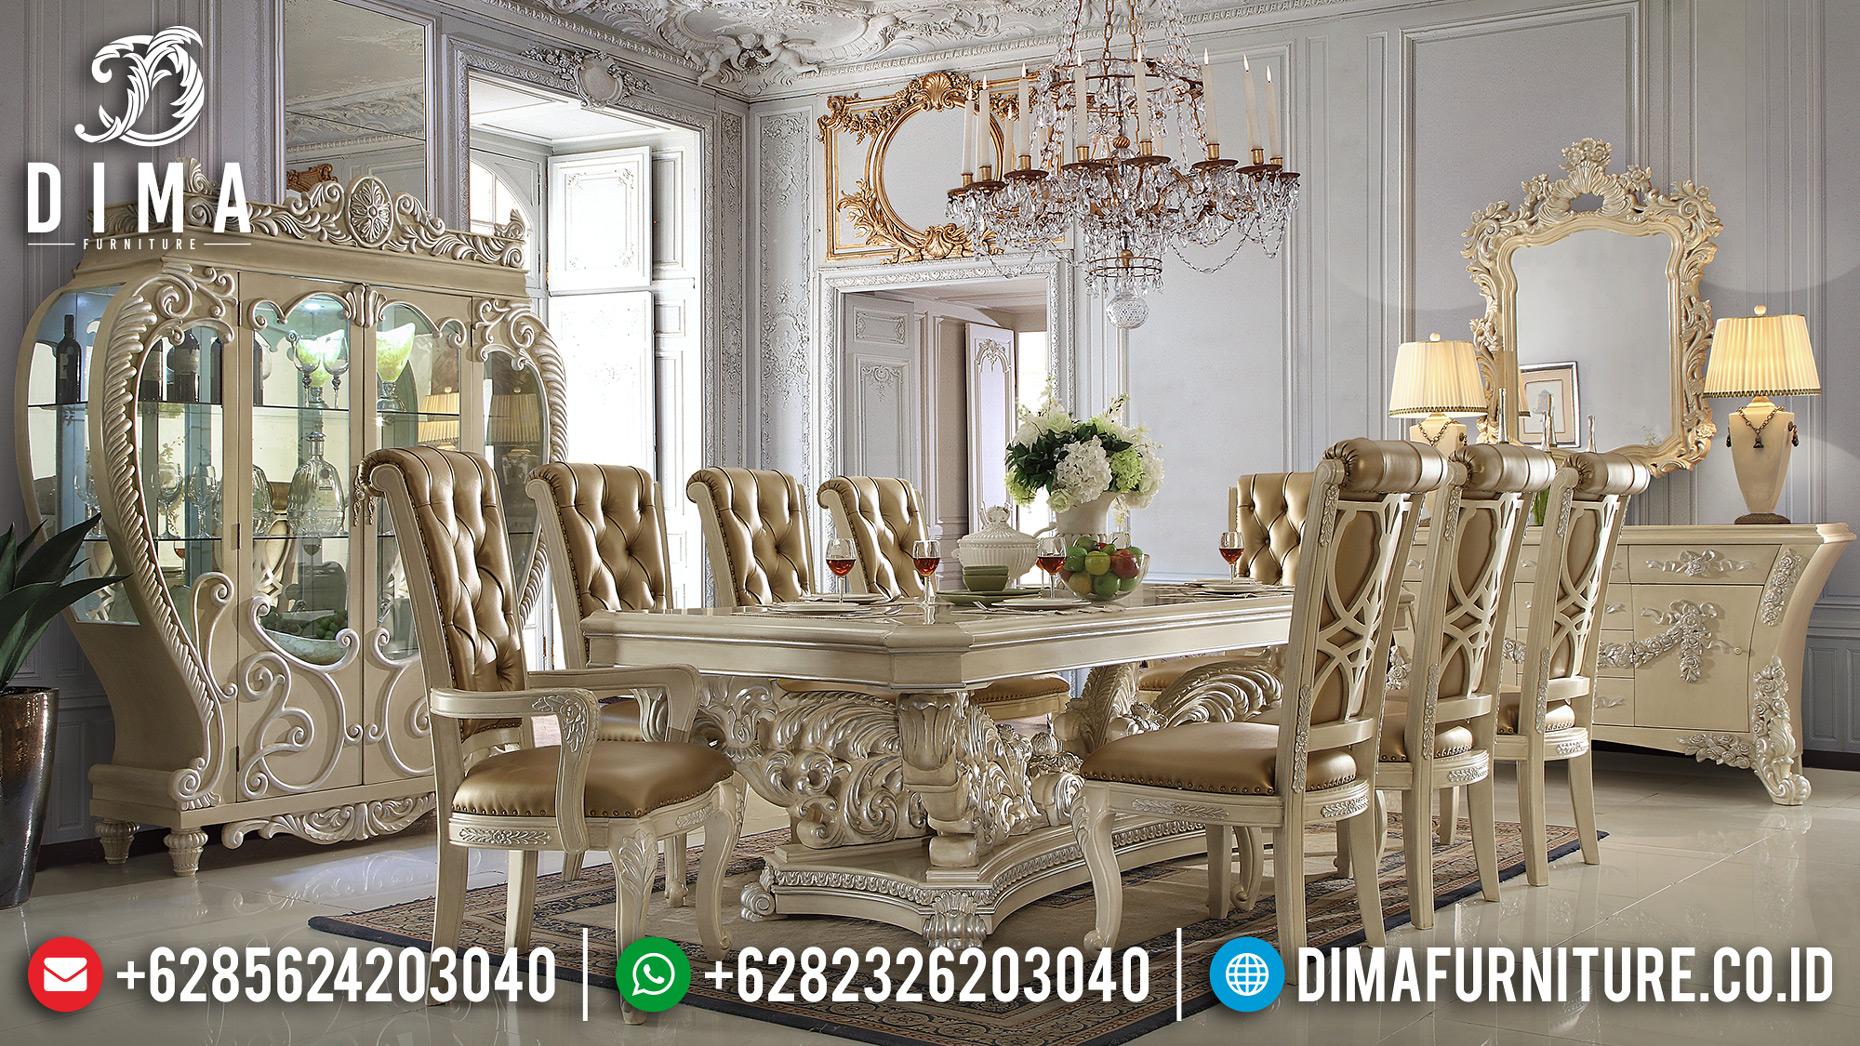 Harga Meja Makan Jepara Luxury Classic Design Ukiran Antique MMJ-0633